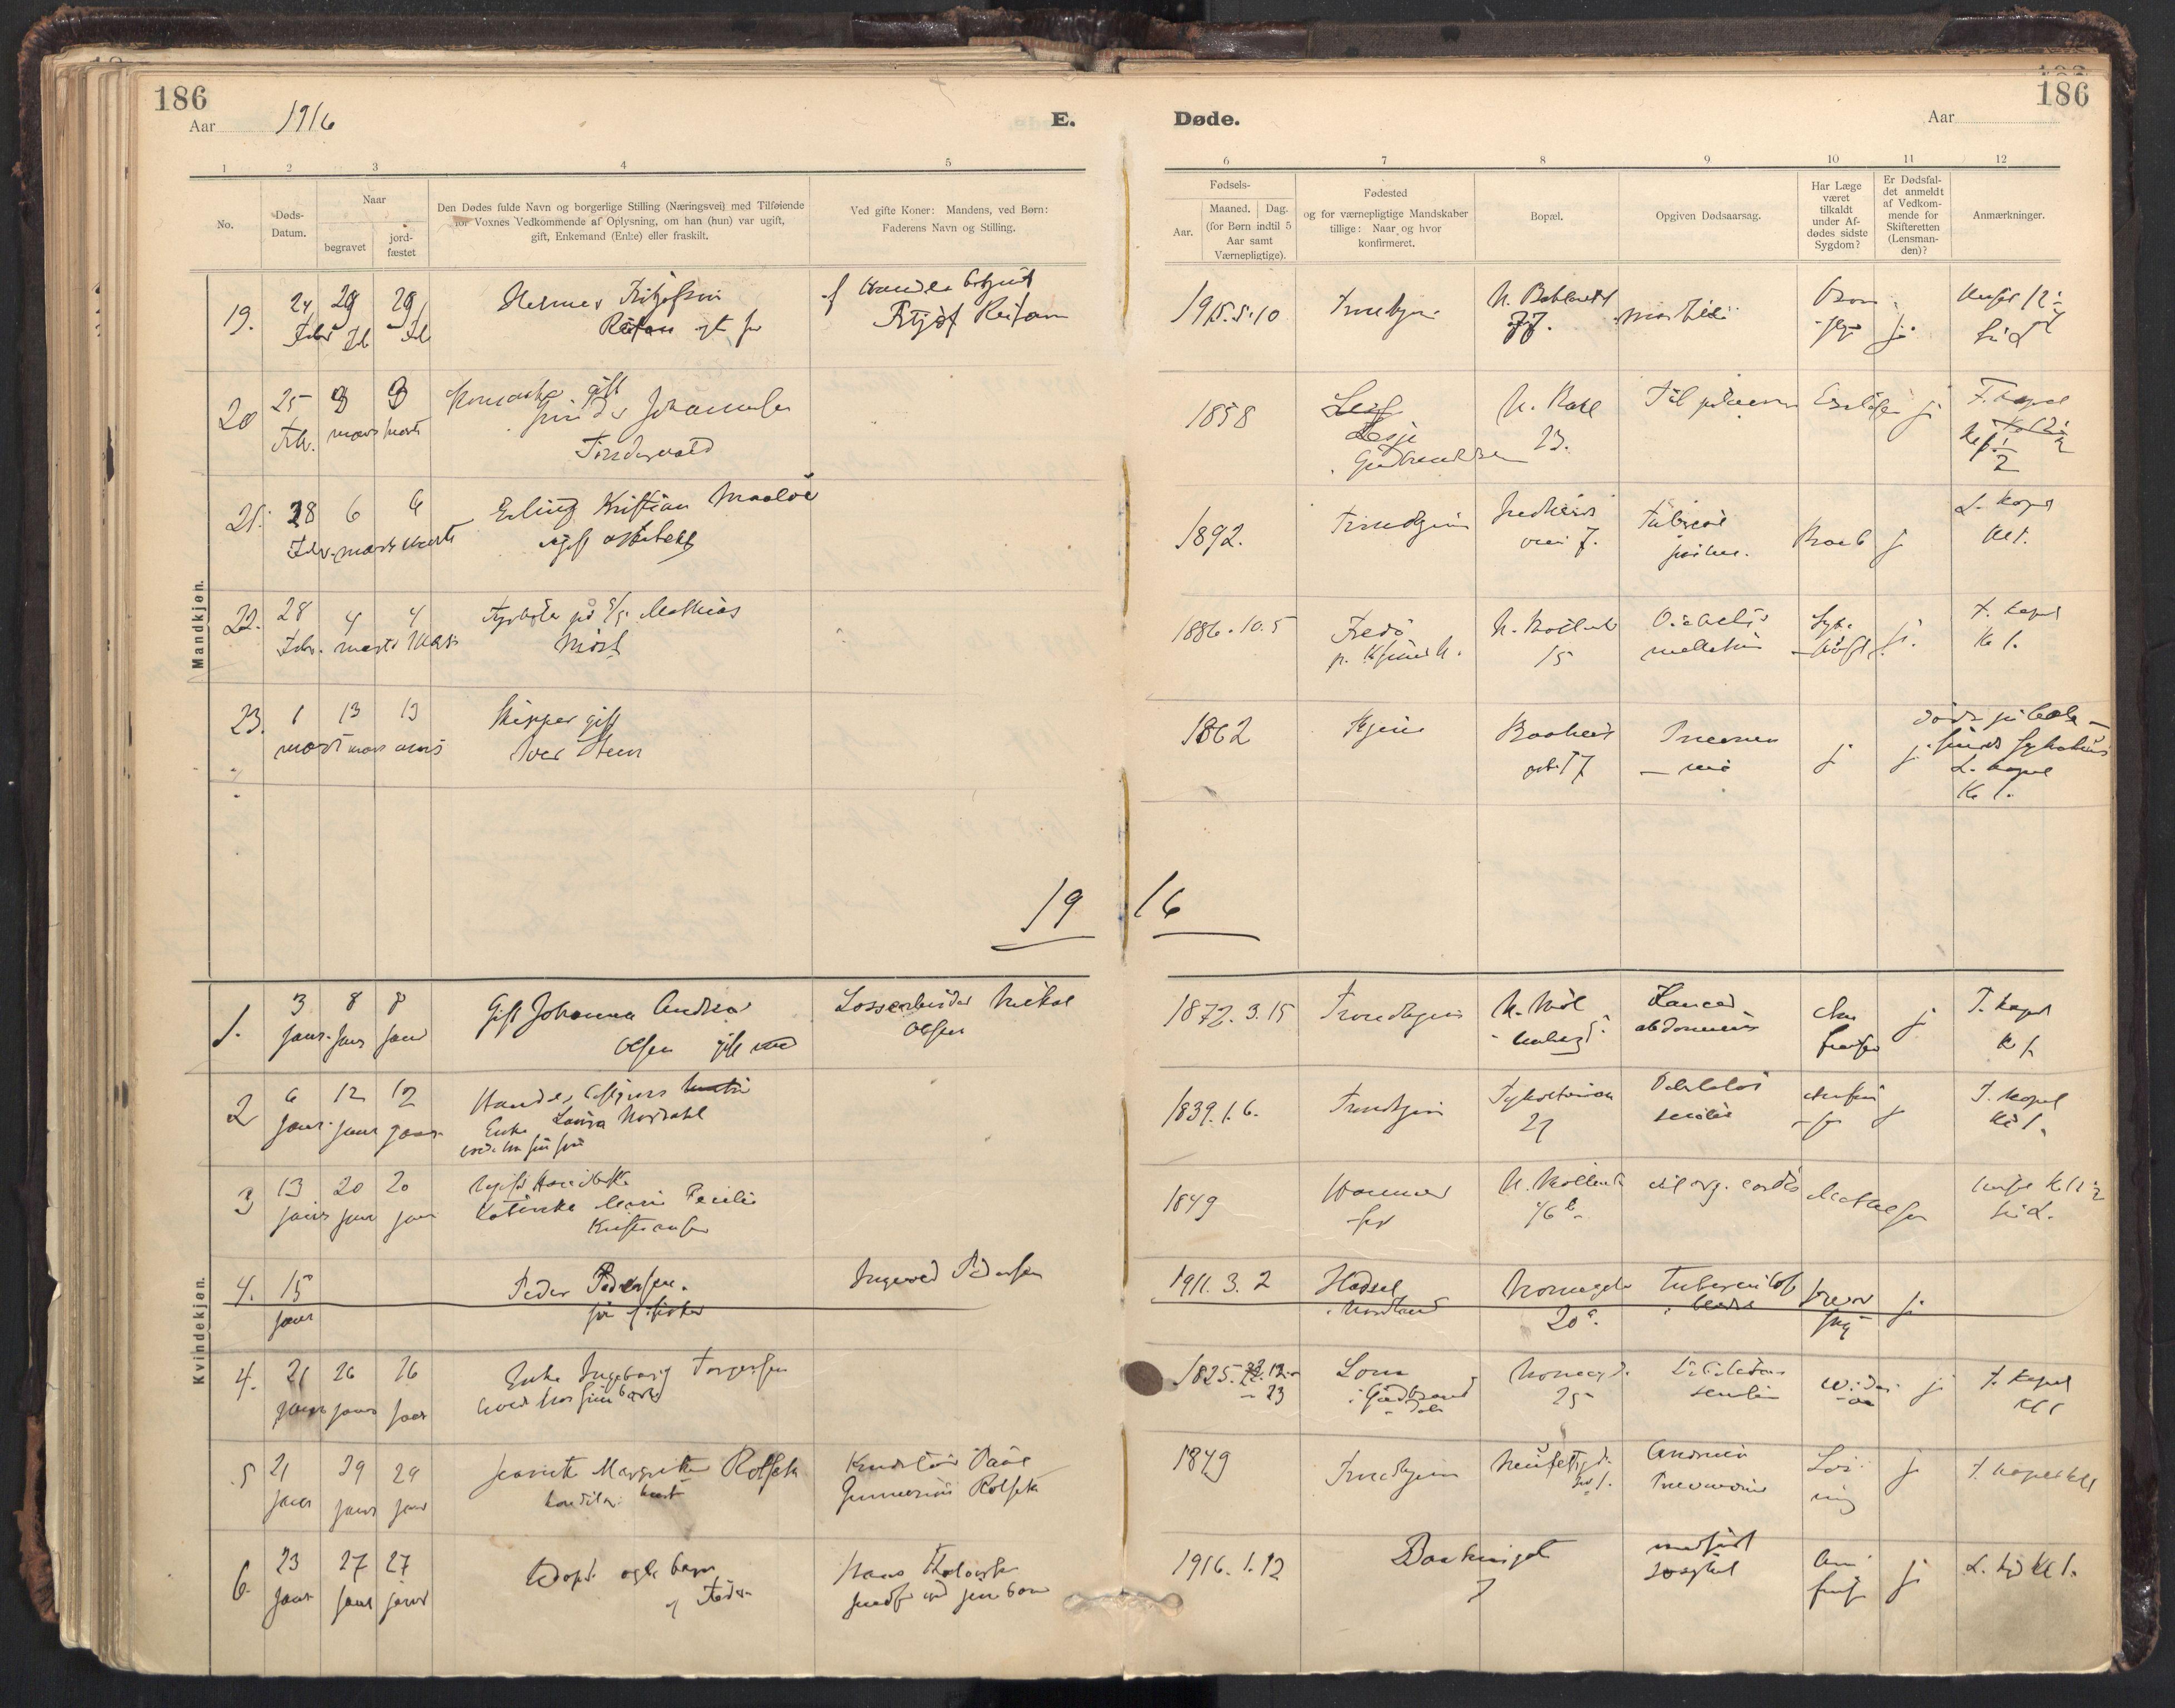 SAT, Ministerialprotokoller, klokkerbøker og fødselsregistre - Sør-Trøndelag, 604/L0204: Ministerialbok nr. 604A24, 1911-1920, s. 186